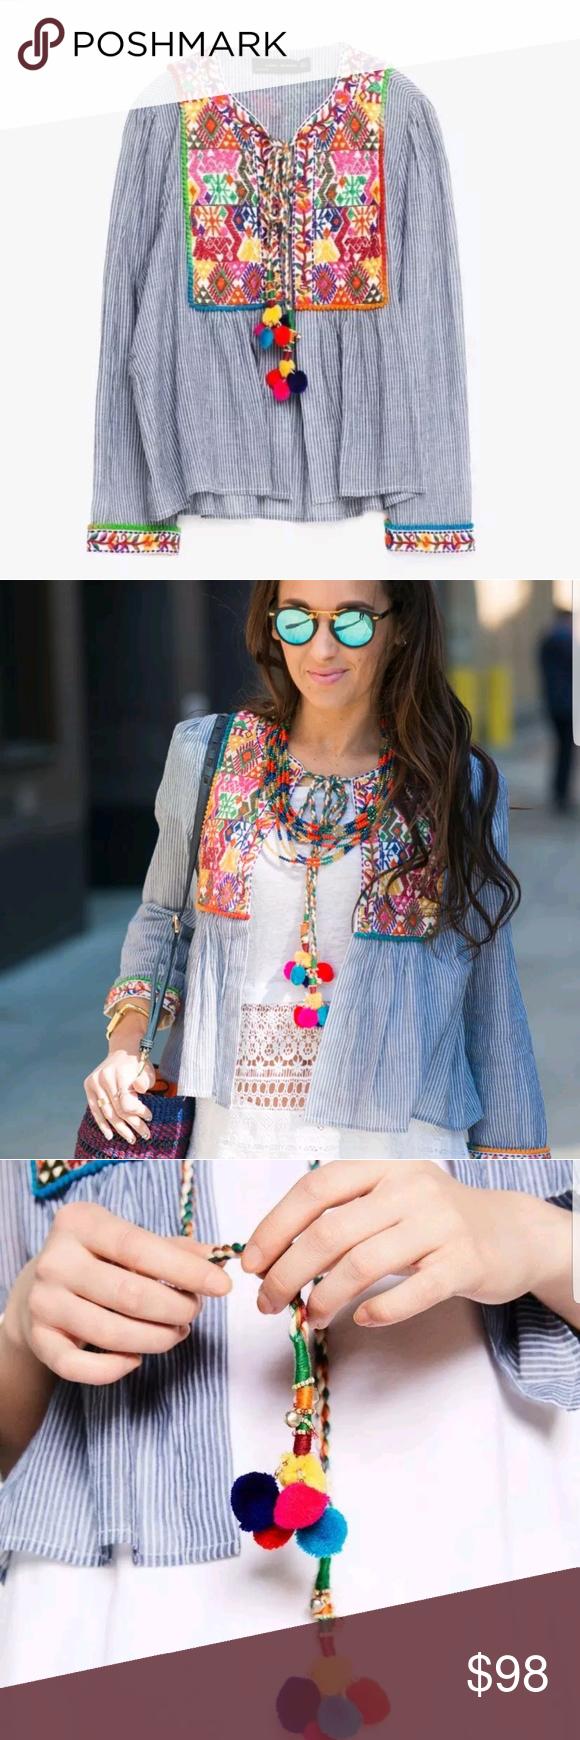 Zara Embroidered Pom Pom Striped Jacket Rare Htf L Euc Sz L So